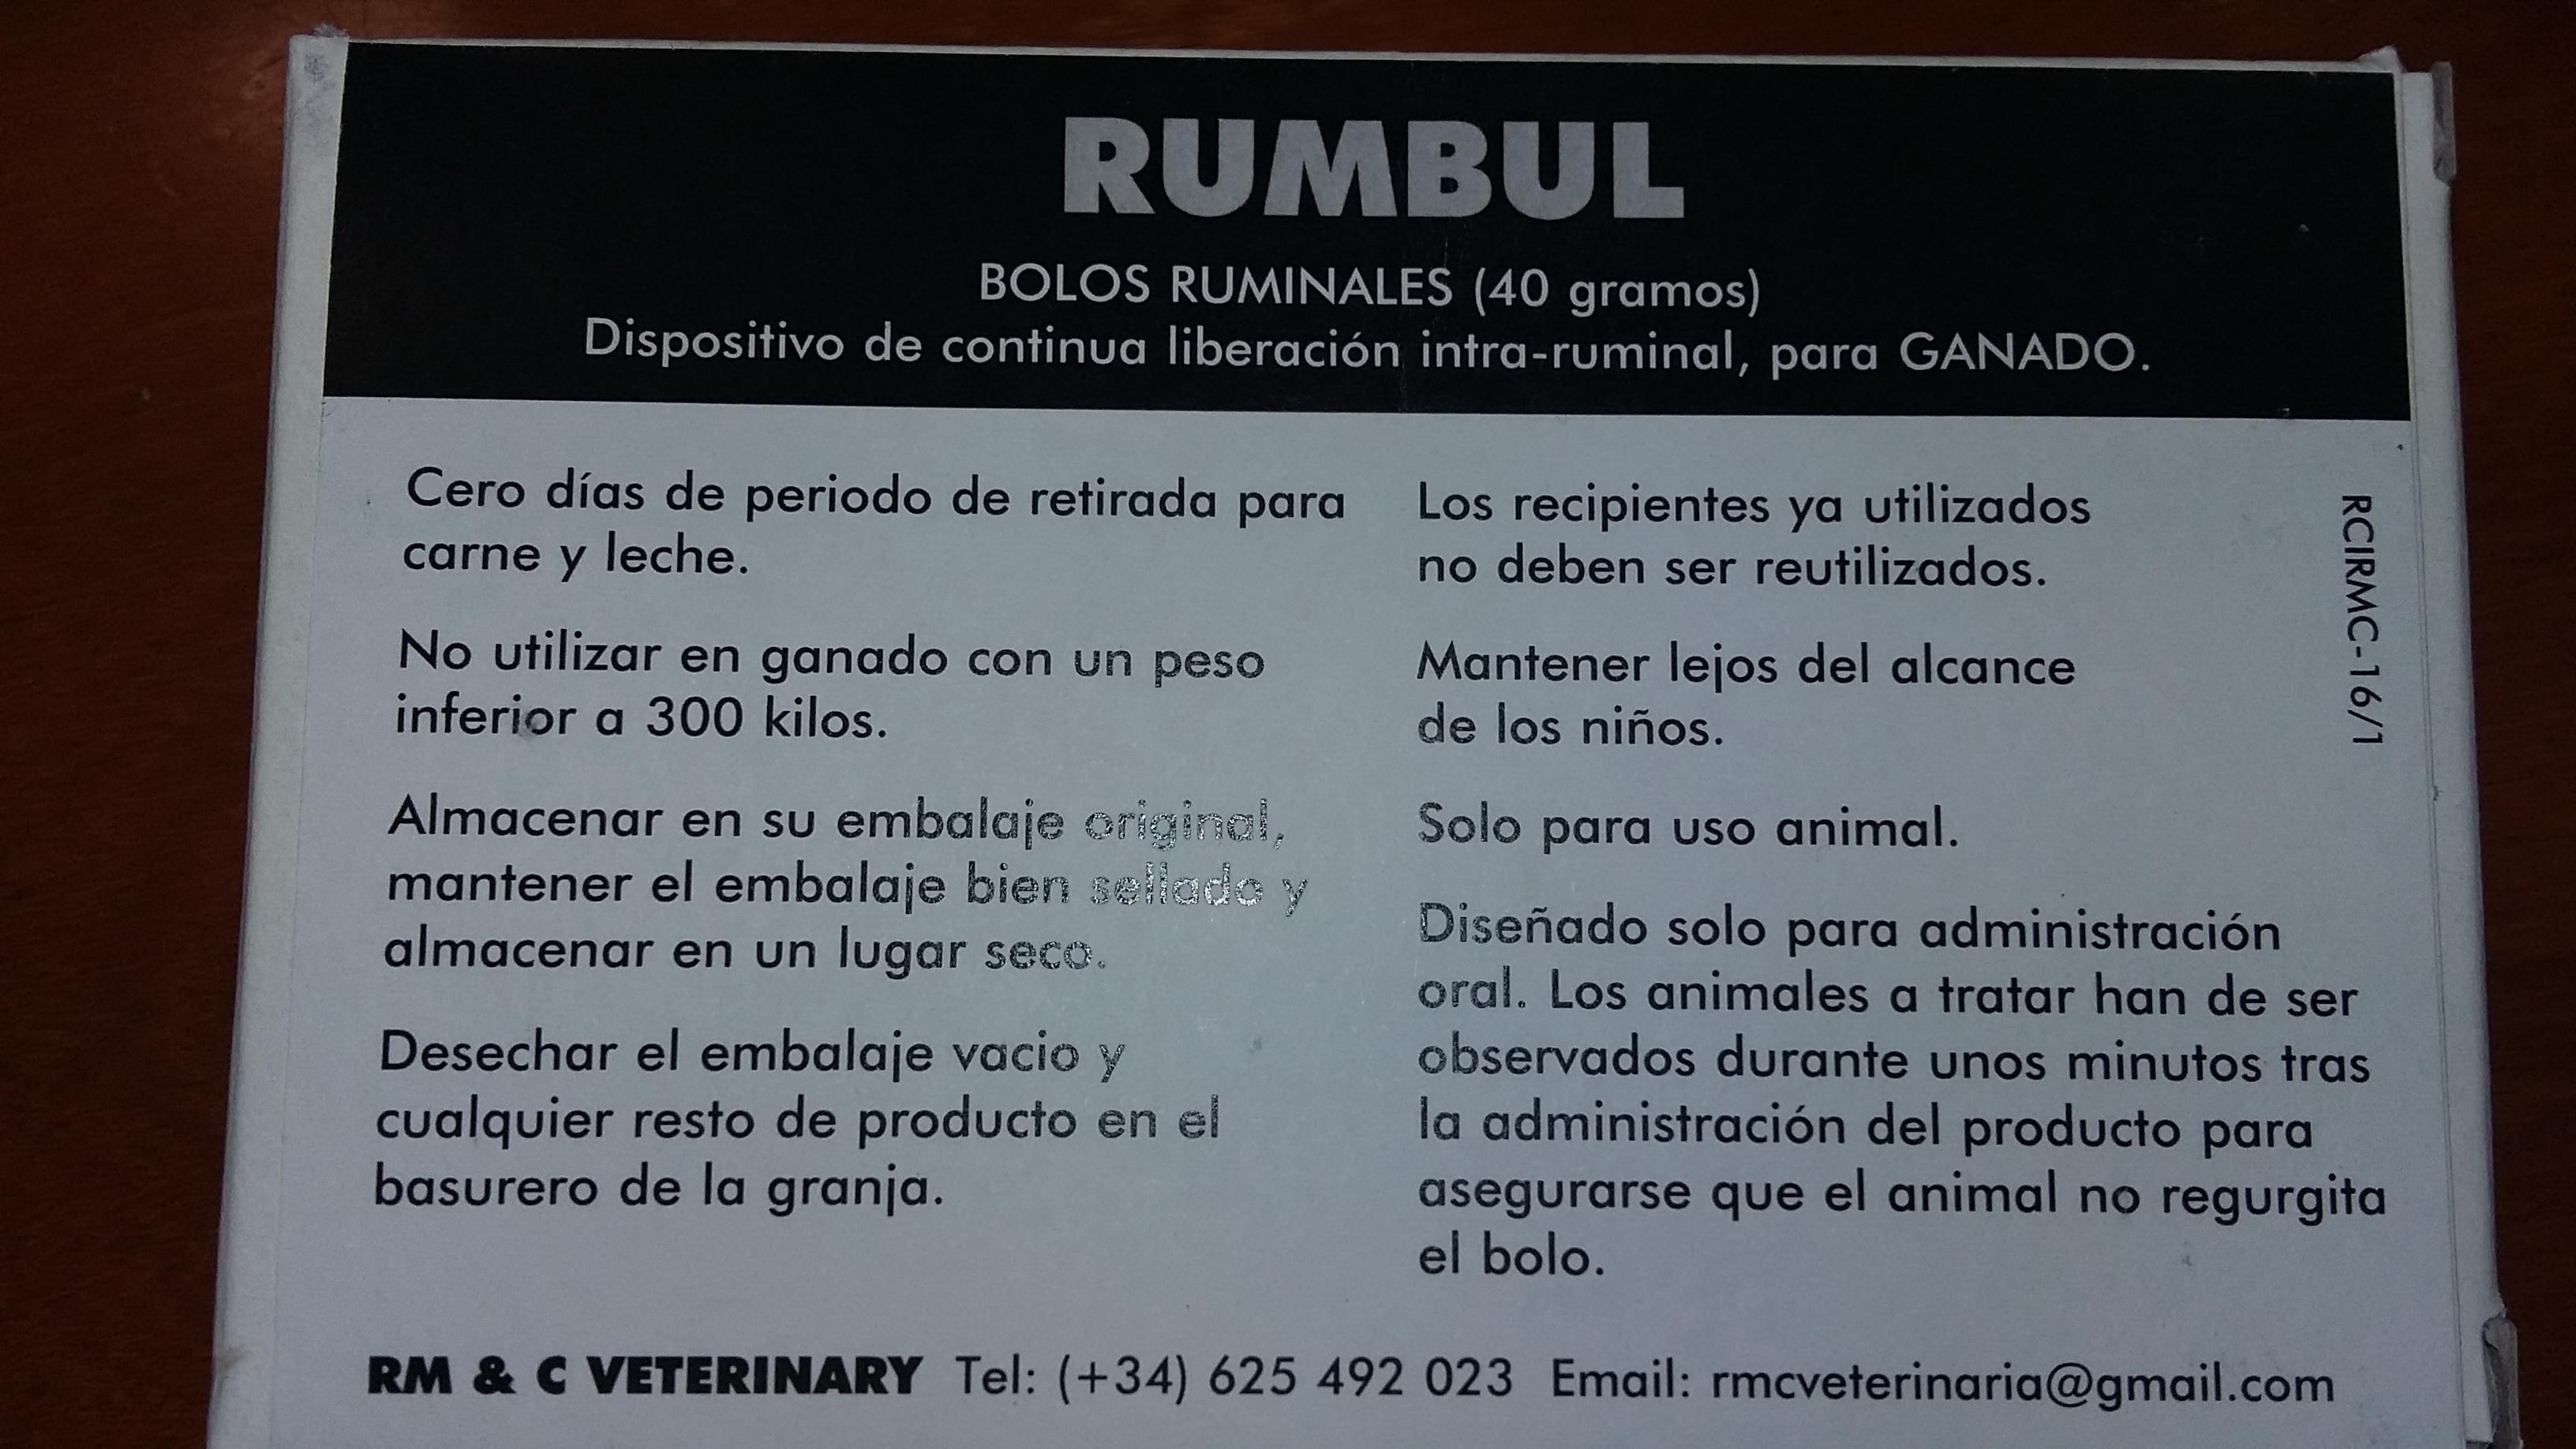 RUMBUL 10 BOLOS